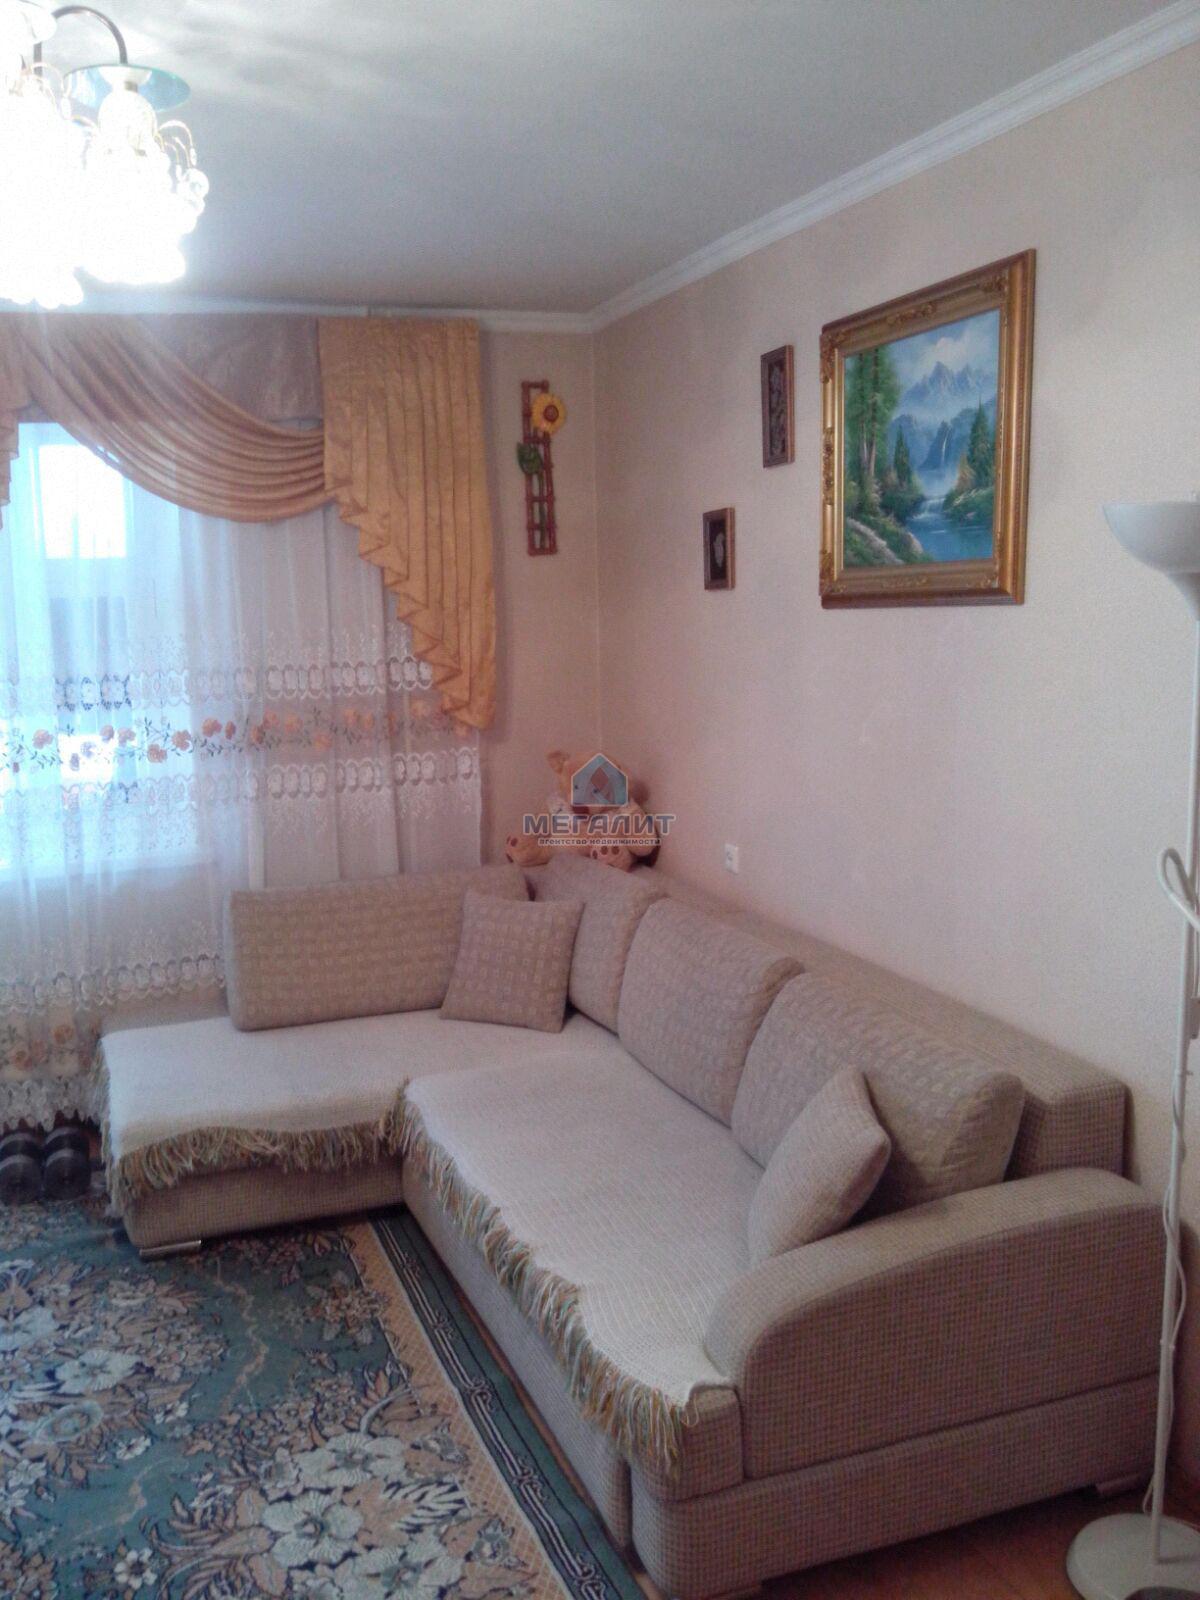 Сдается в аренду трехкомнатная квартира в Советском районе (миниатюра №6)